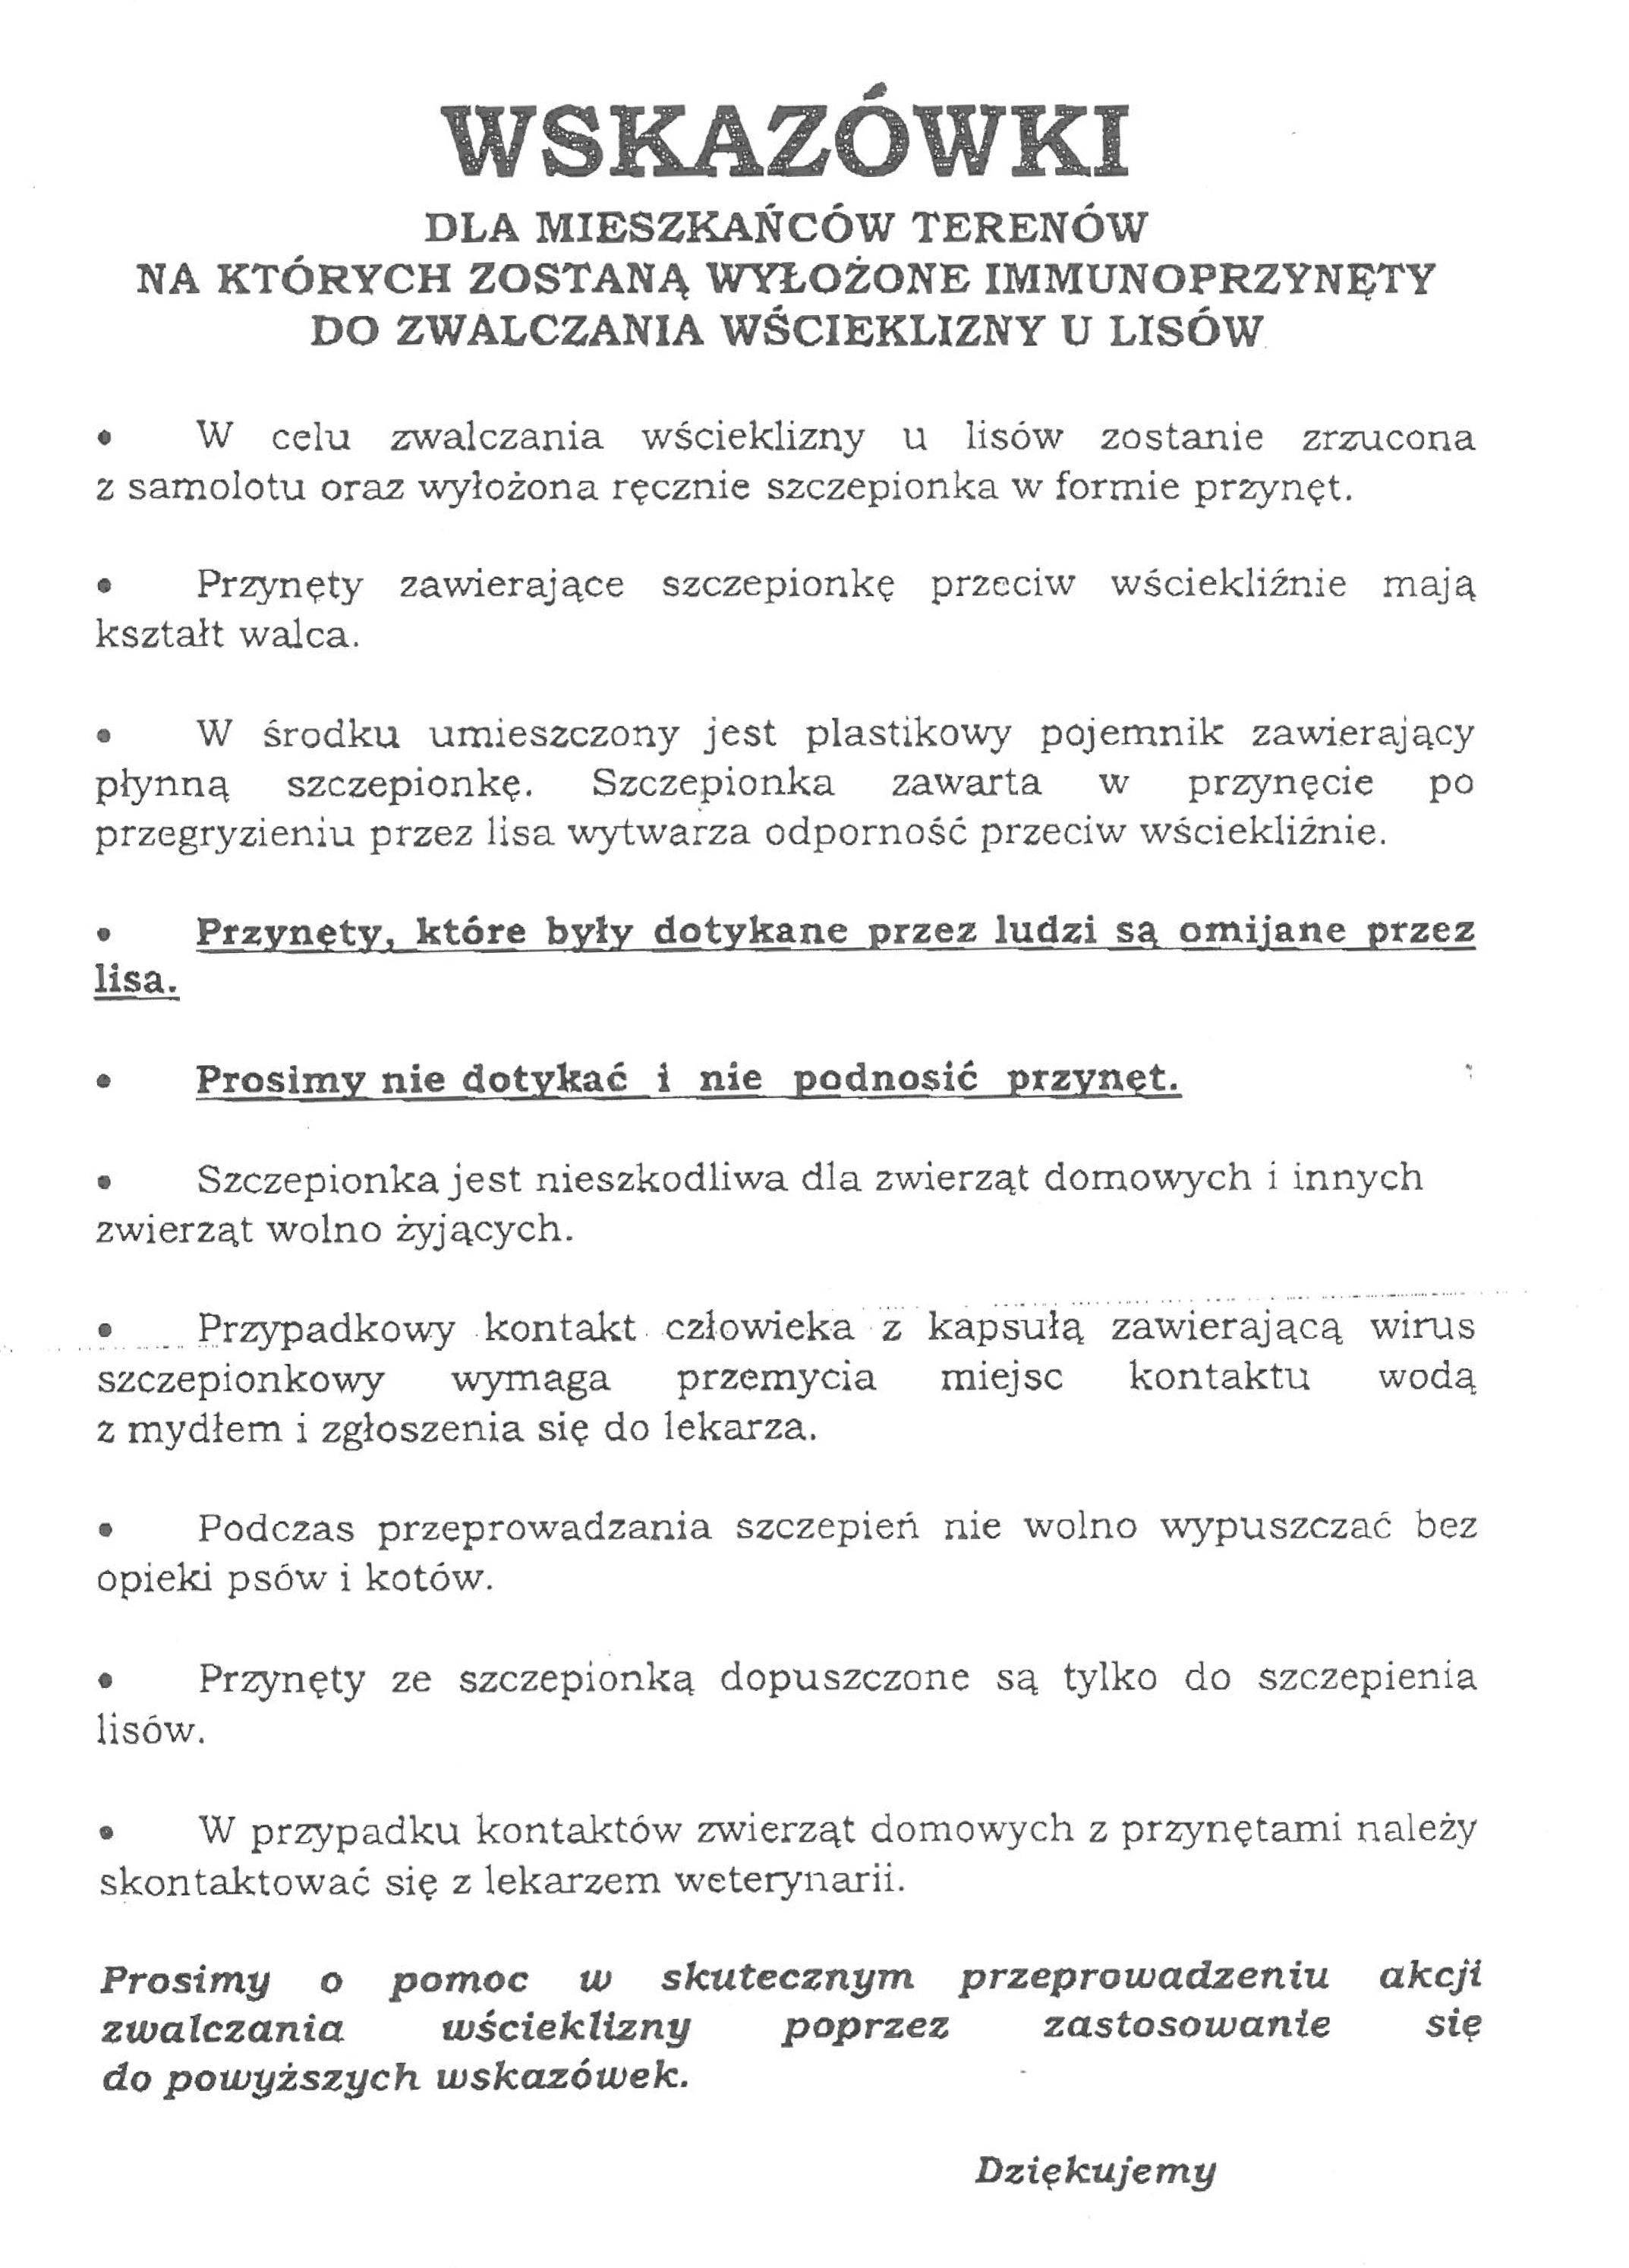 Wskazówki szczepienia lisów Komunikat Małopolskiego Wojewódzkiego Lekarza Weterynarii w Krakowie w sprawie ochronnego szczepienia lisów